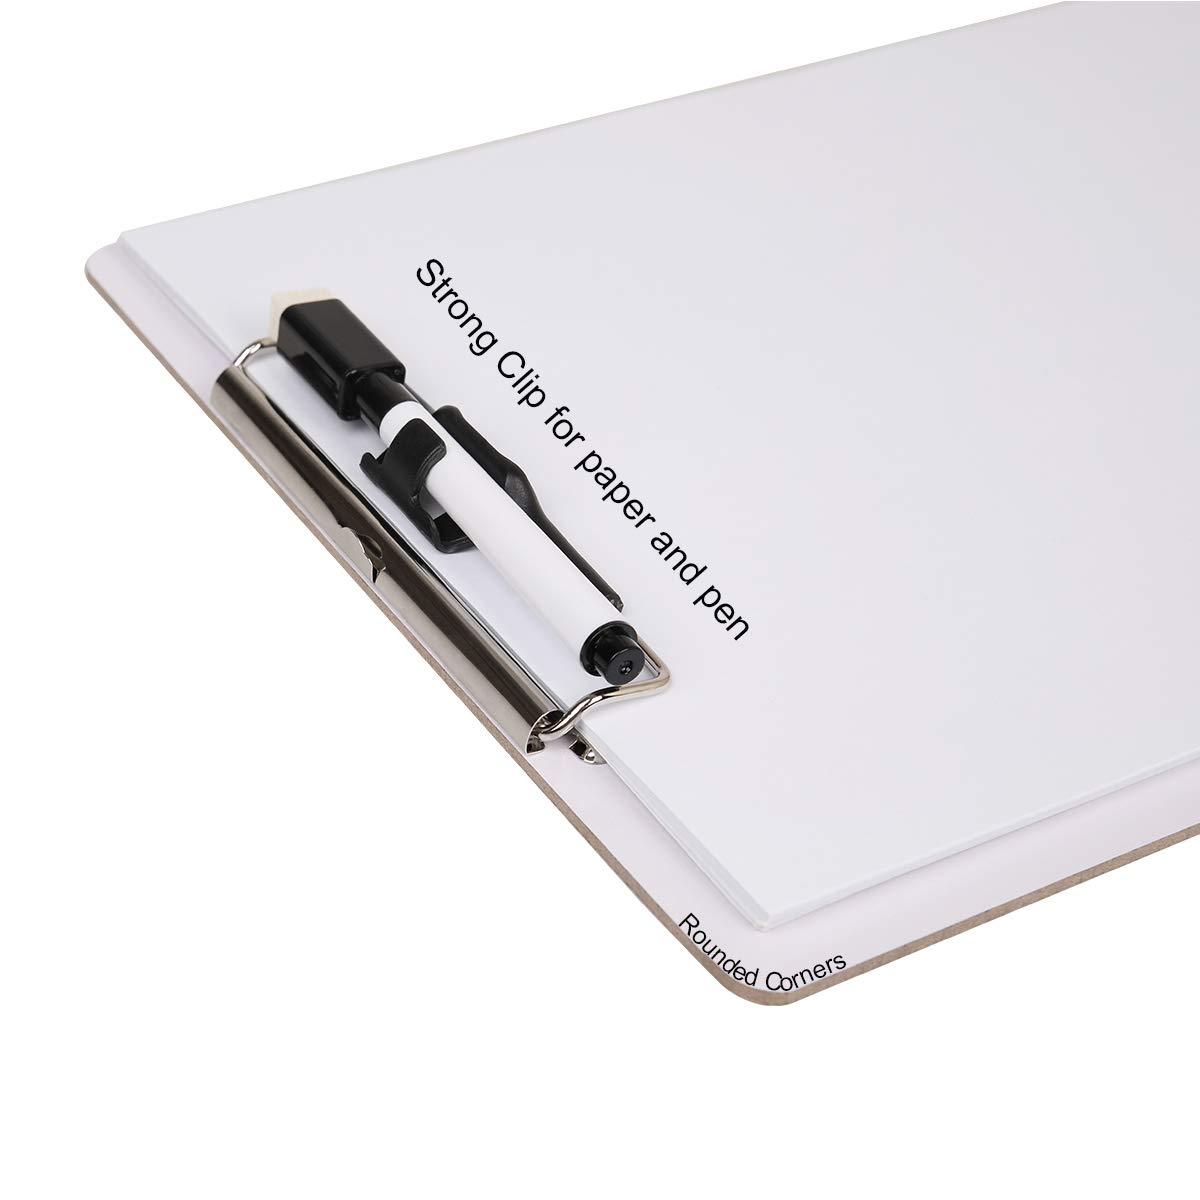 oficina trabajo aula. clip de perfil bajo Juego de 6 portapapapeles de borrado en seco con marcador tama/ño A4 para documentos pizarra blanca para la escuela JAKAGO